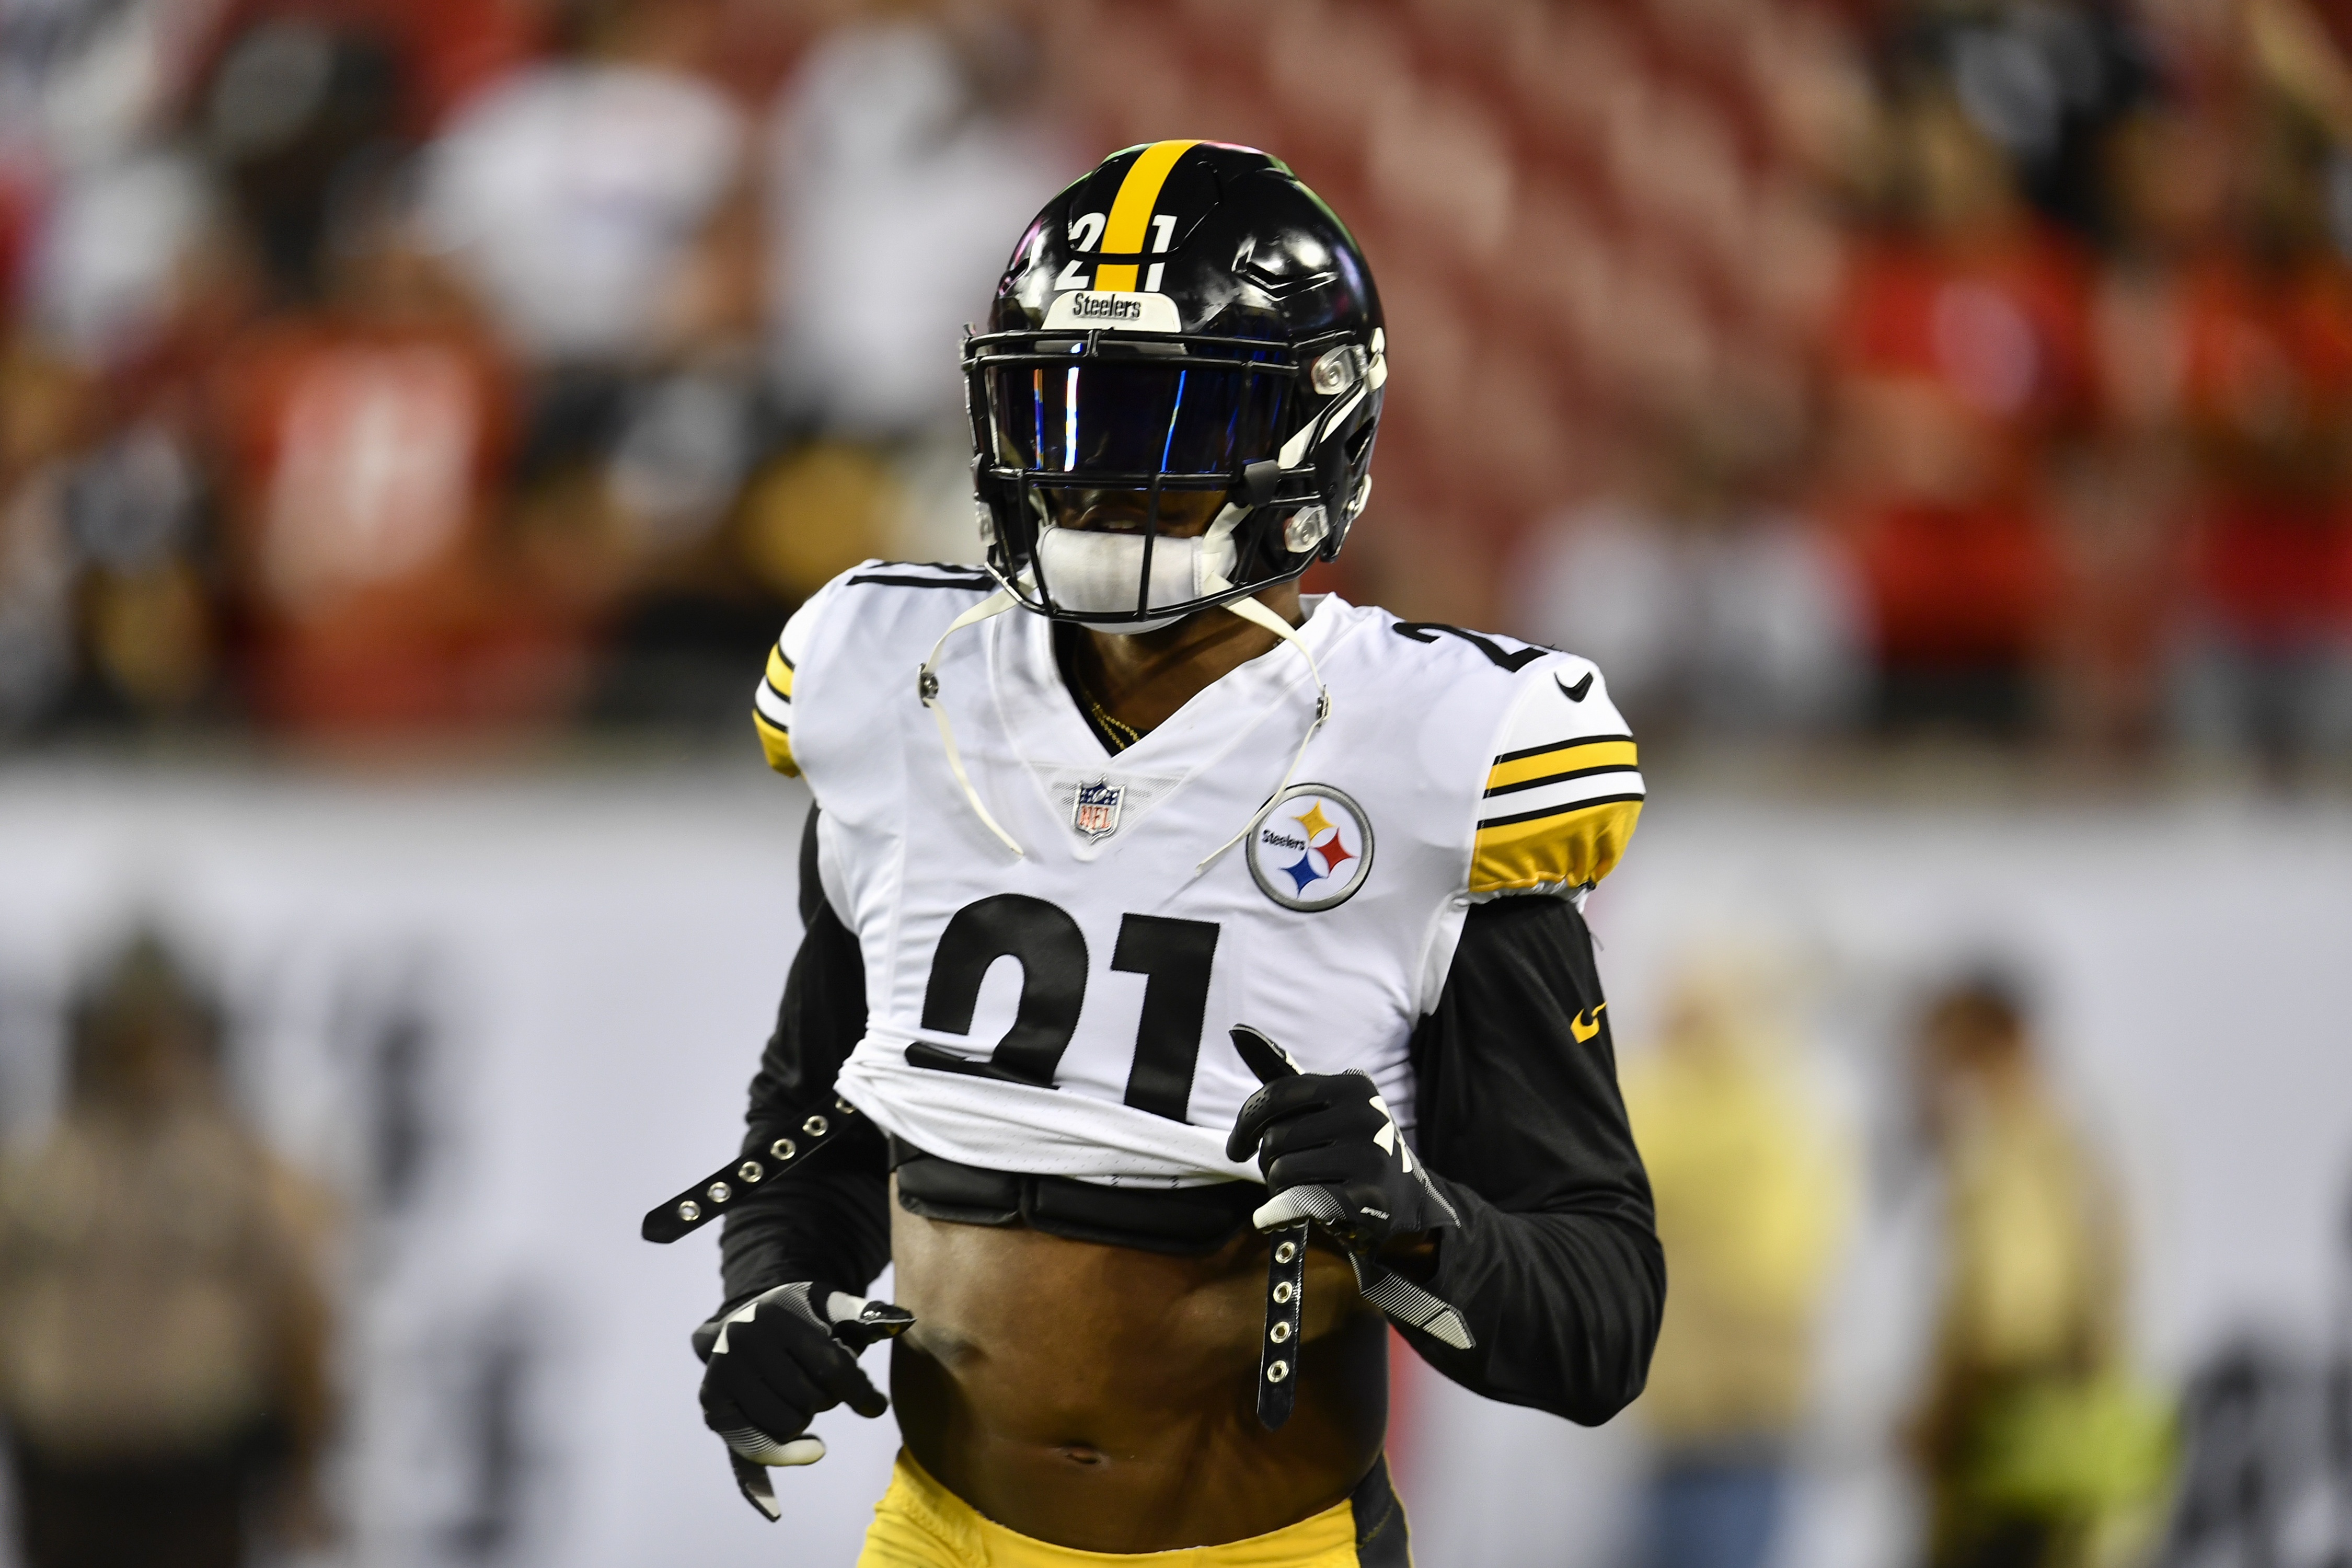 NFL: SEP 24 Steelers at Buccaneers